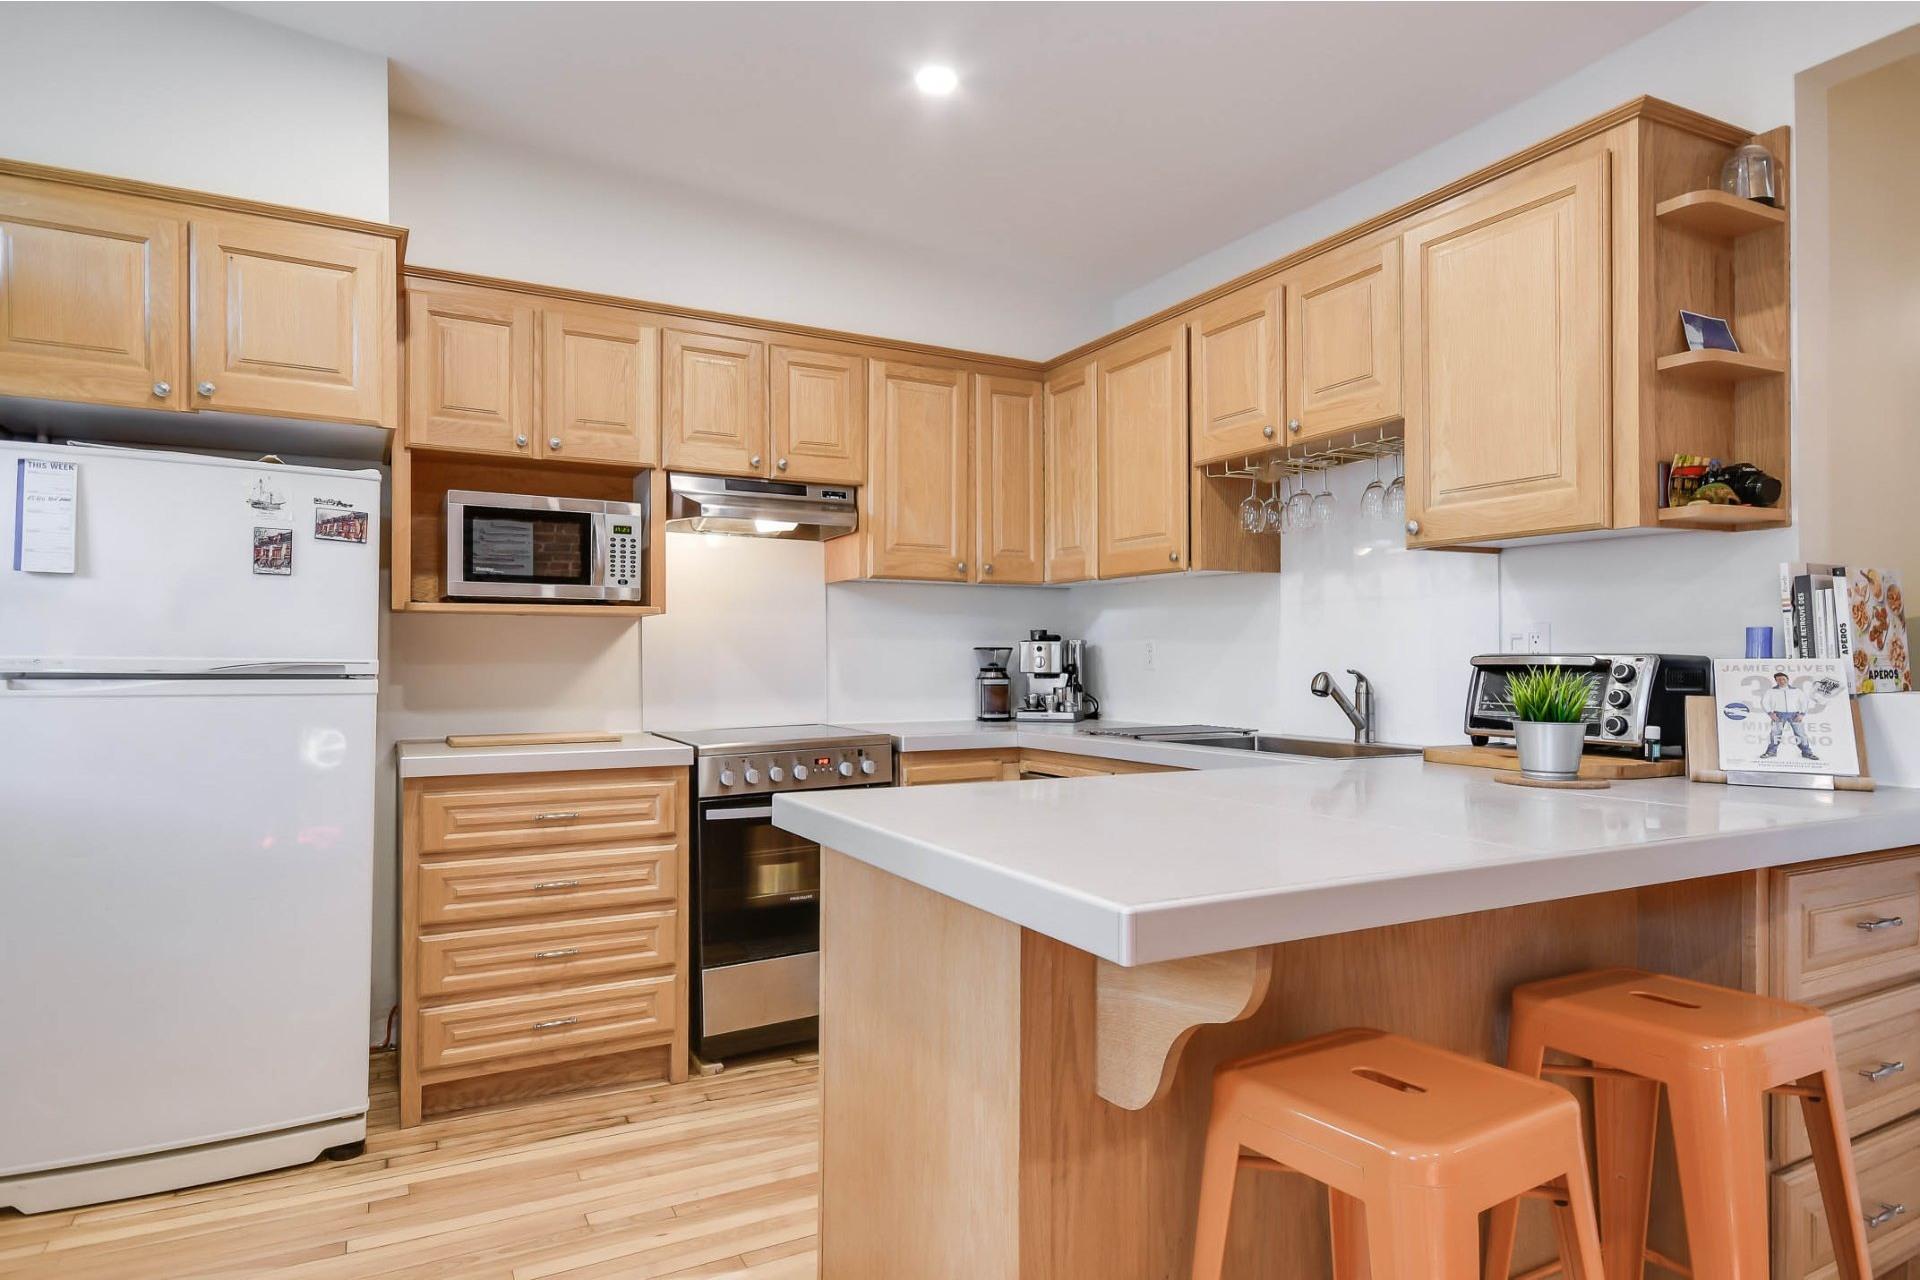 image 4 - Appartement À vendre Montréal Le Plateau-Mont-Royal  - 5 pièces